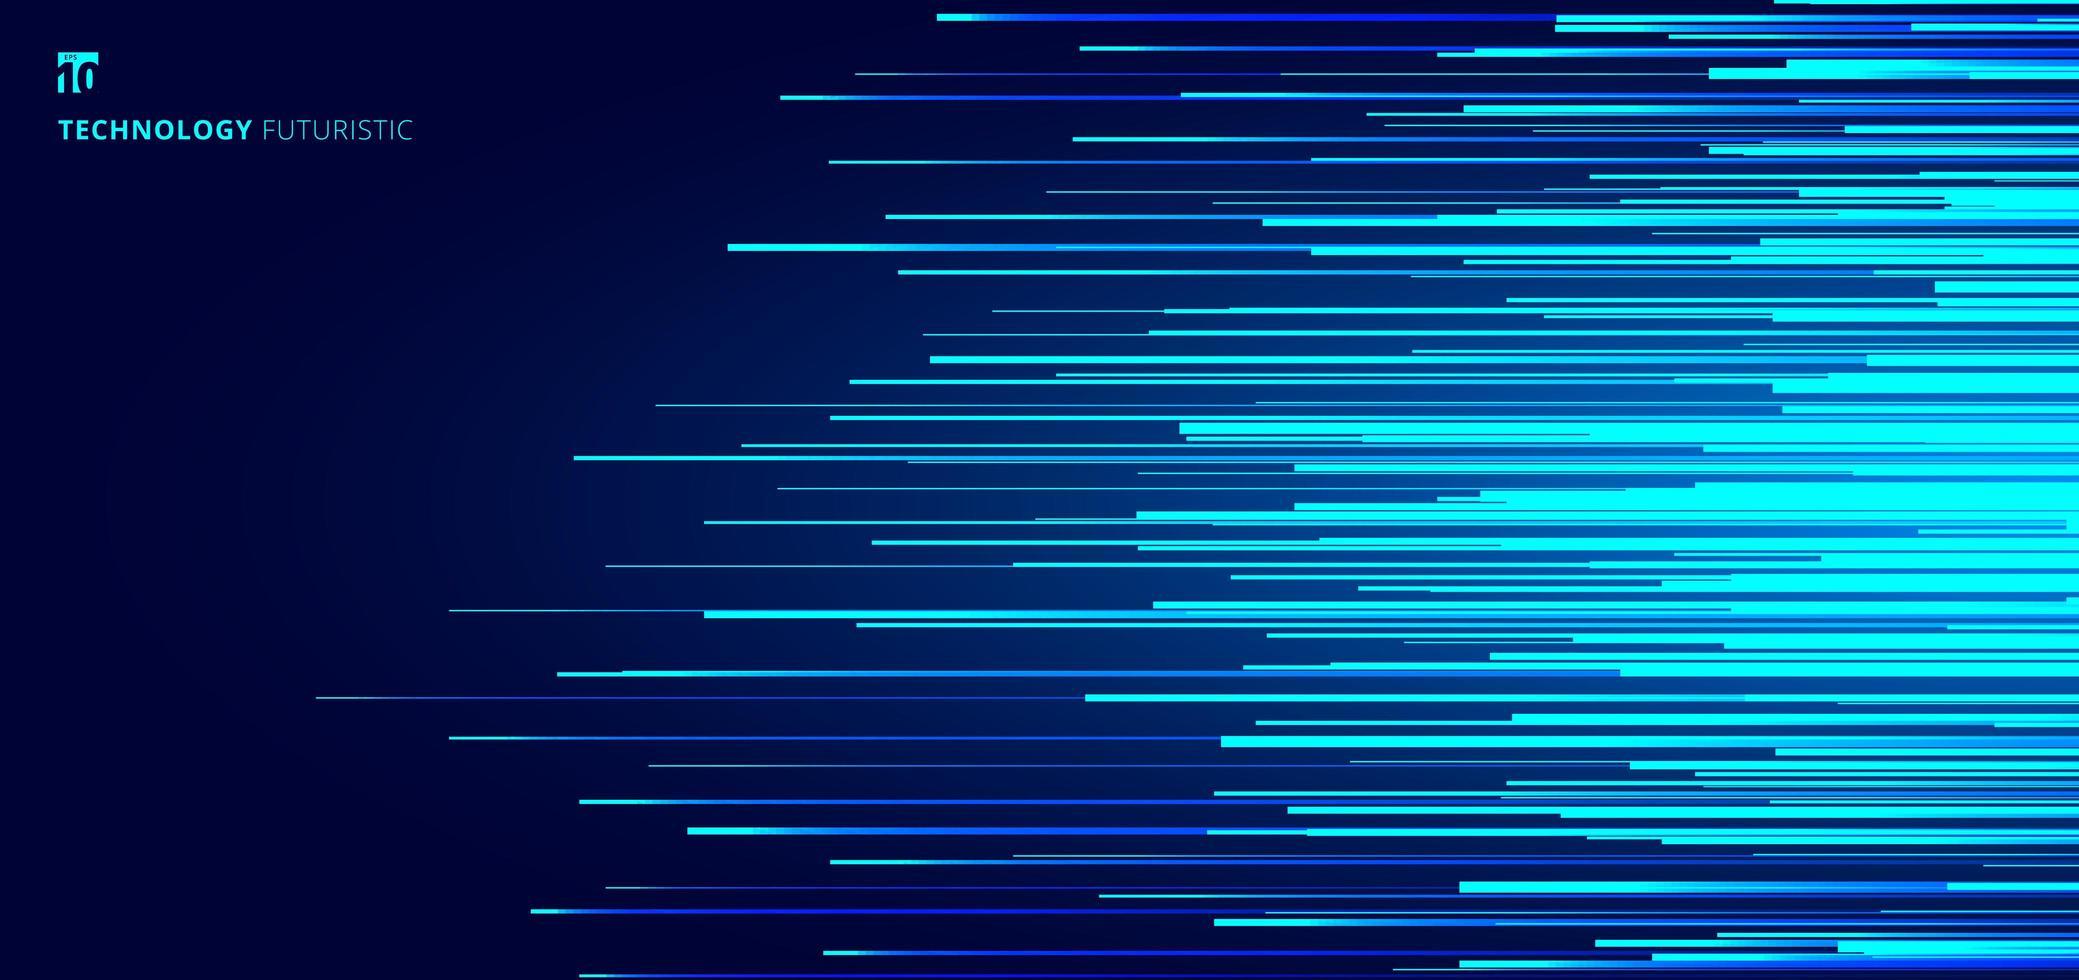 abstrakt leuchtend blau horizontale Linien Muster vektor